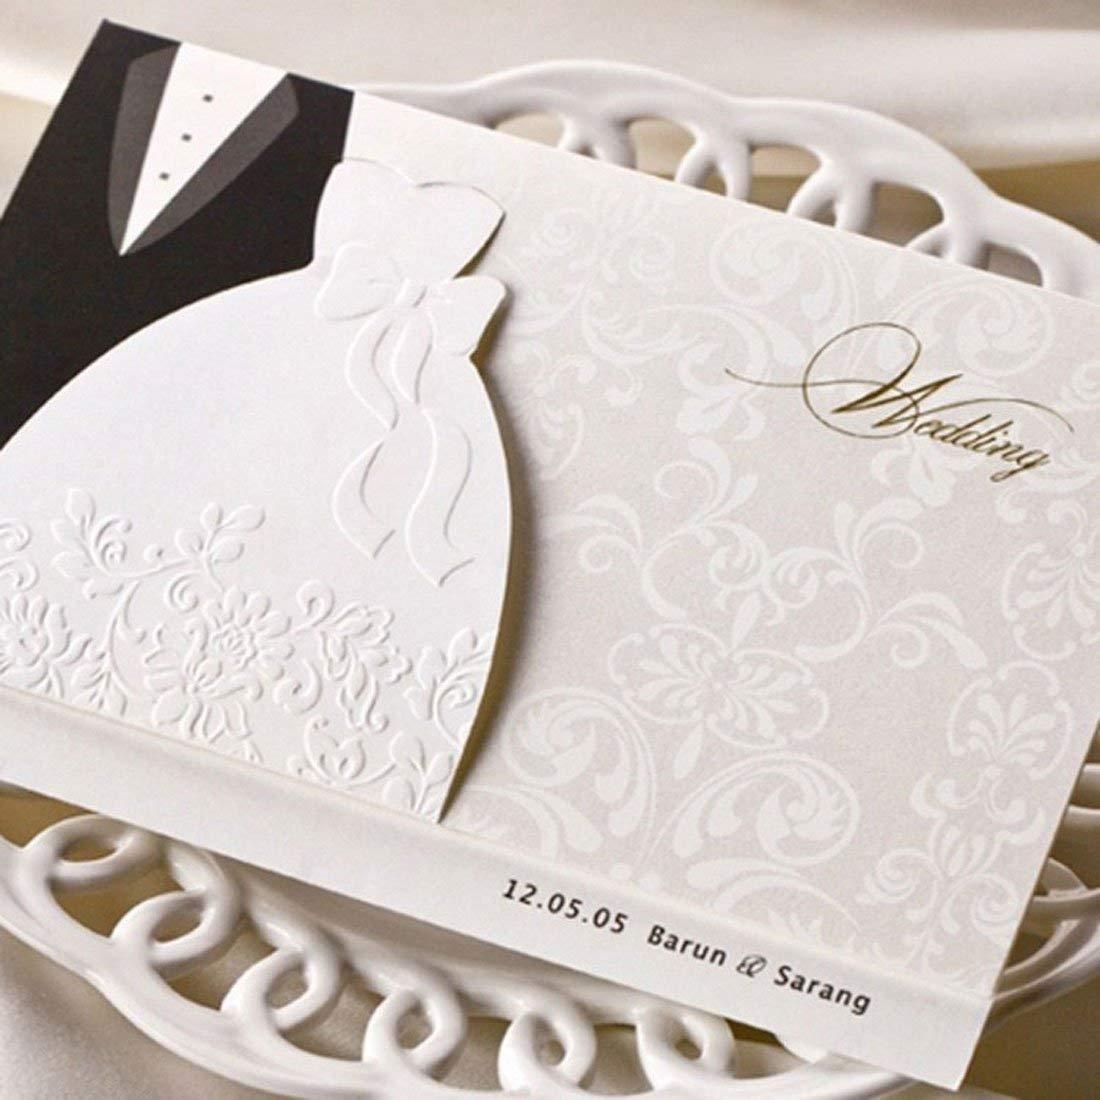 Juegos de invitaciones de boda VStoy, tarjetas de invitación para compromiso